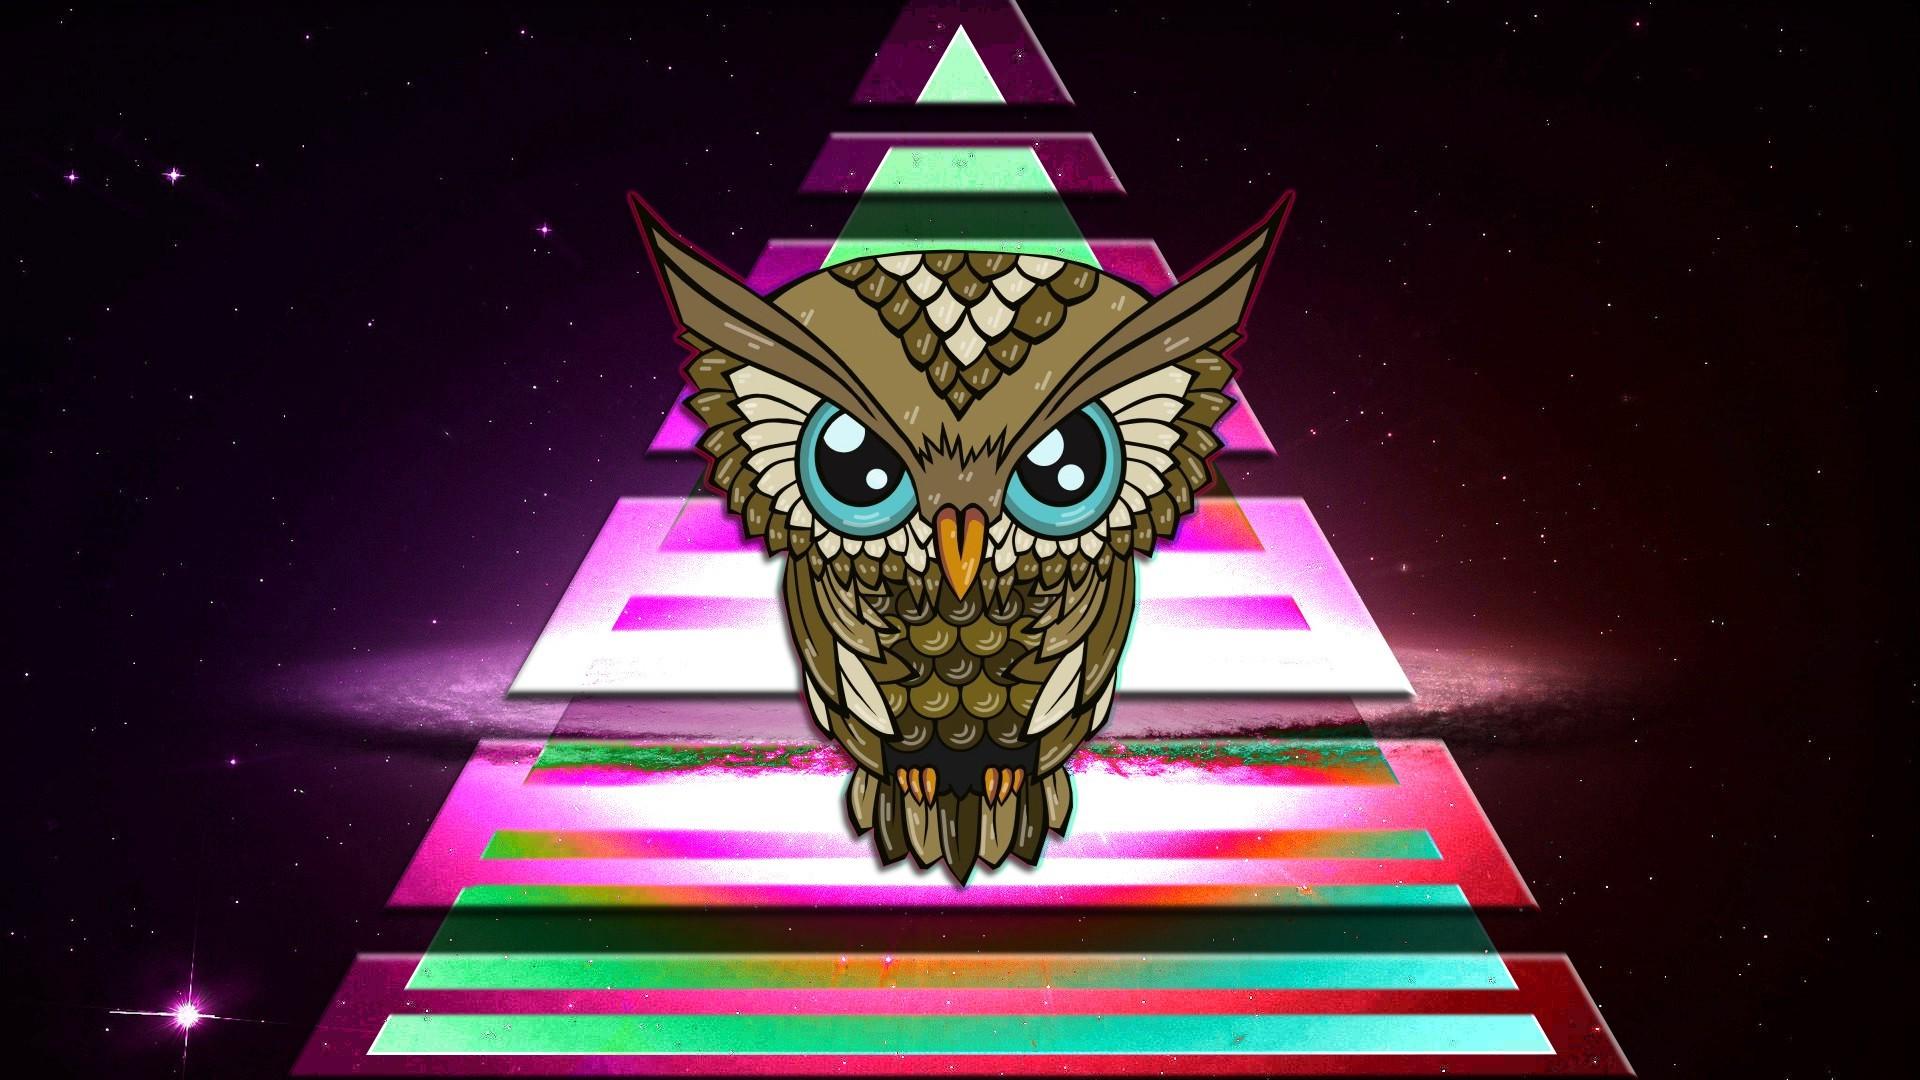 1920x1080 Px Illuminati